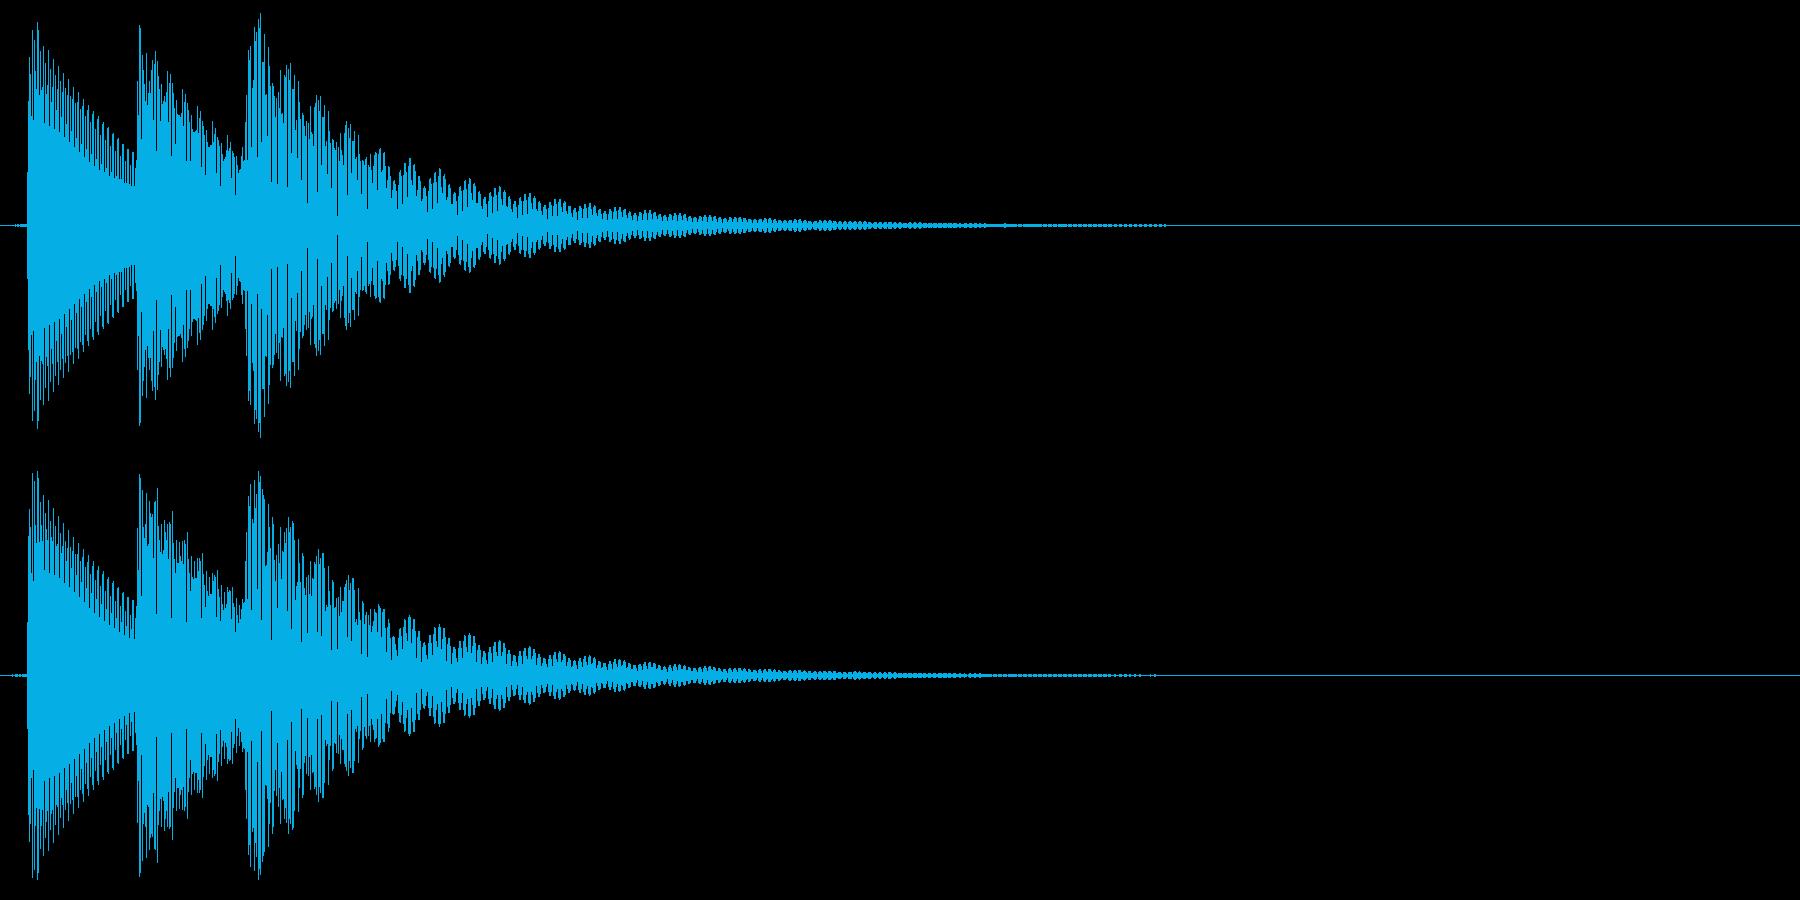 ピロリン(ミス・エラー)の再生済みの波形